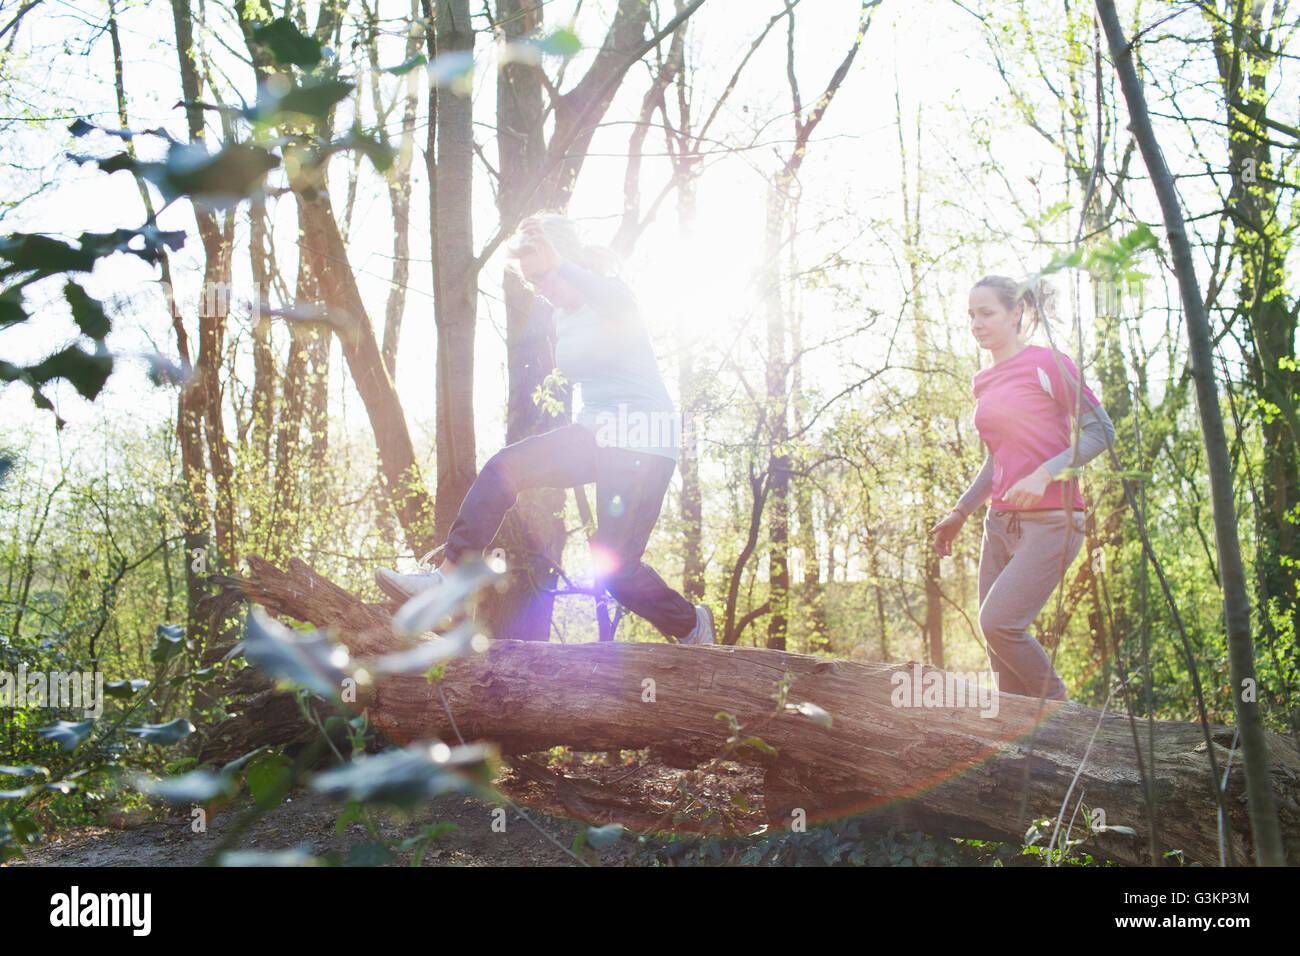 Frauen im Wald über umgestürzten Baum springen Stockbild